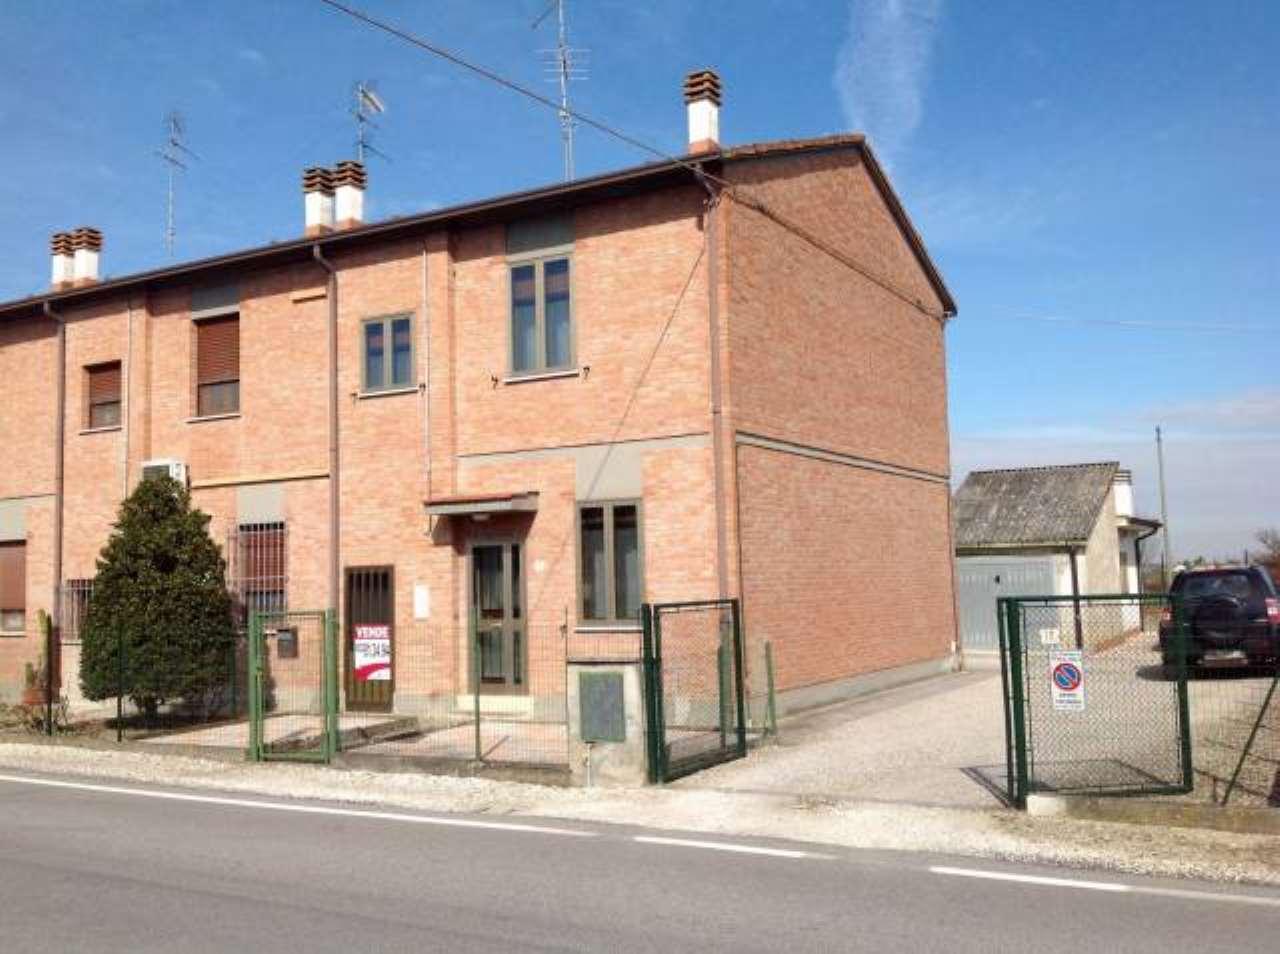 Appartamento in vendita a Masi Torello, 6 locali, prezzo € 69.000 | CambioCasa.it